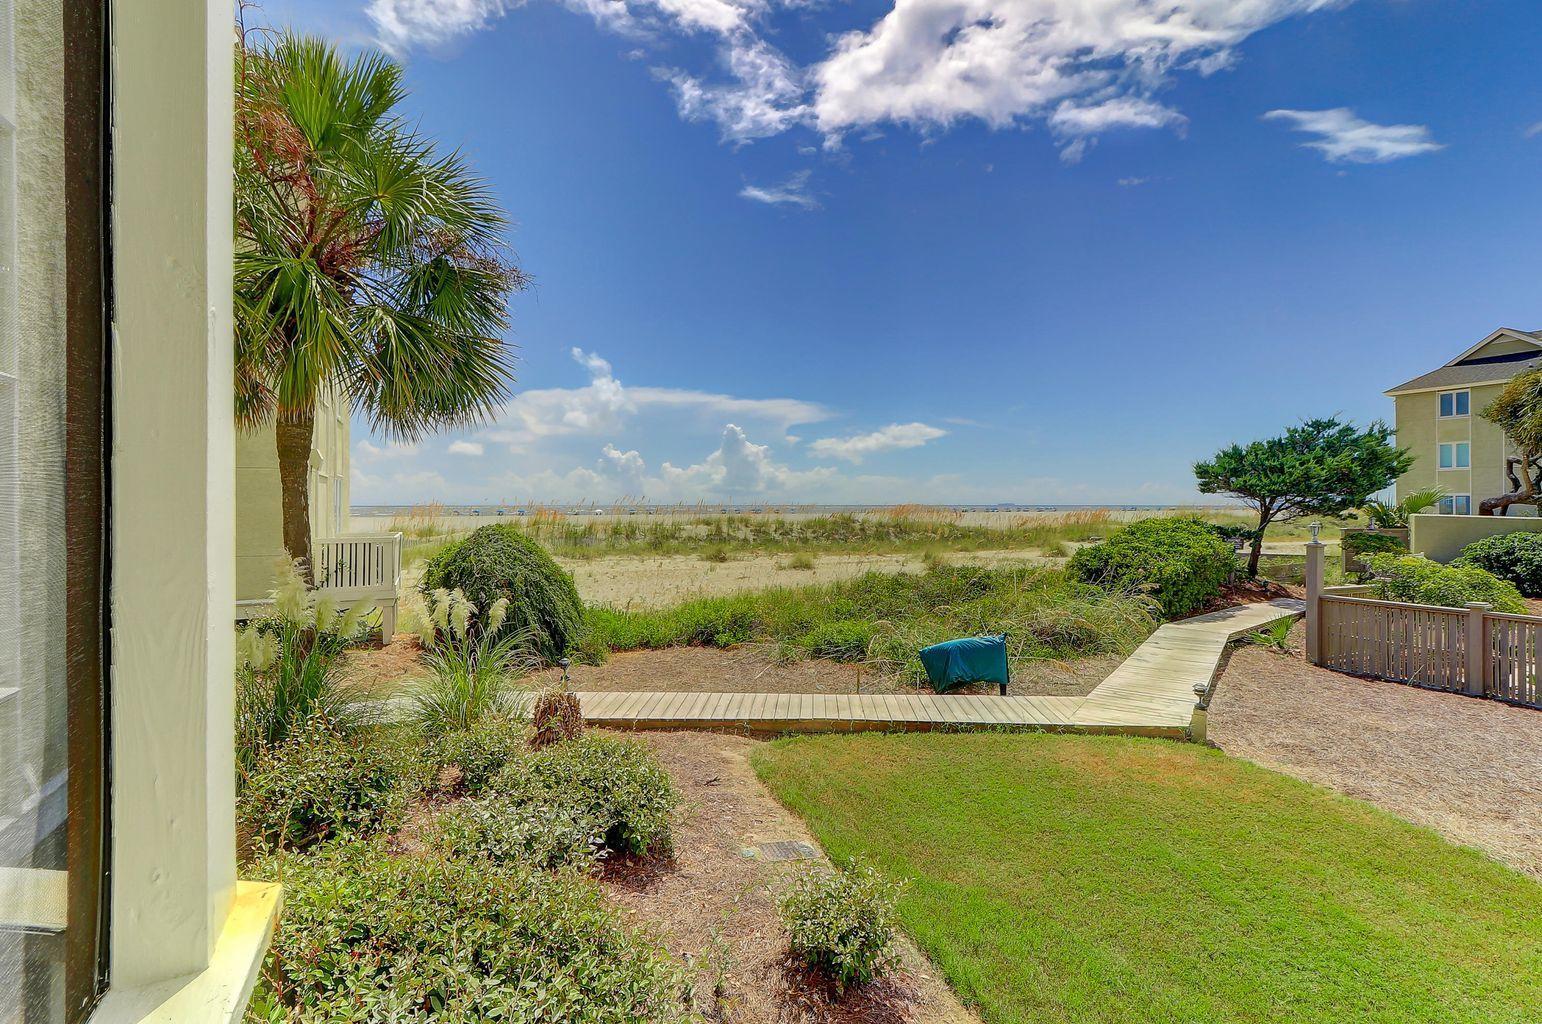 104 E Port O' Call NULL Isle of Palms $585,000.00